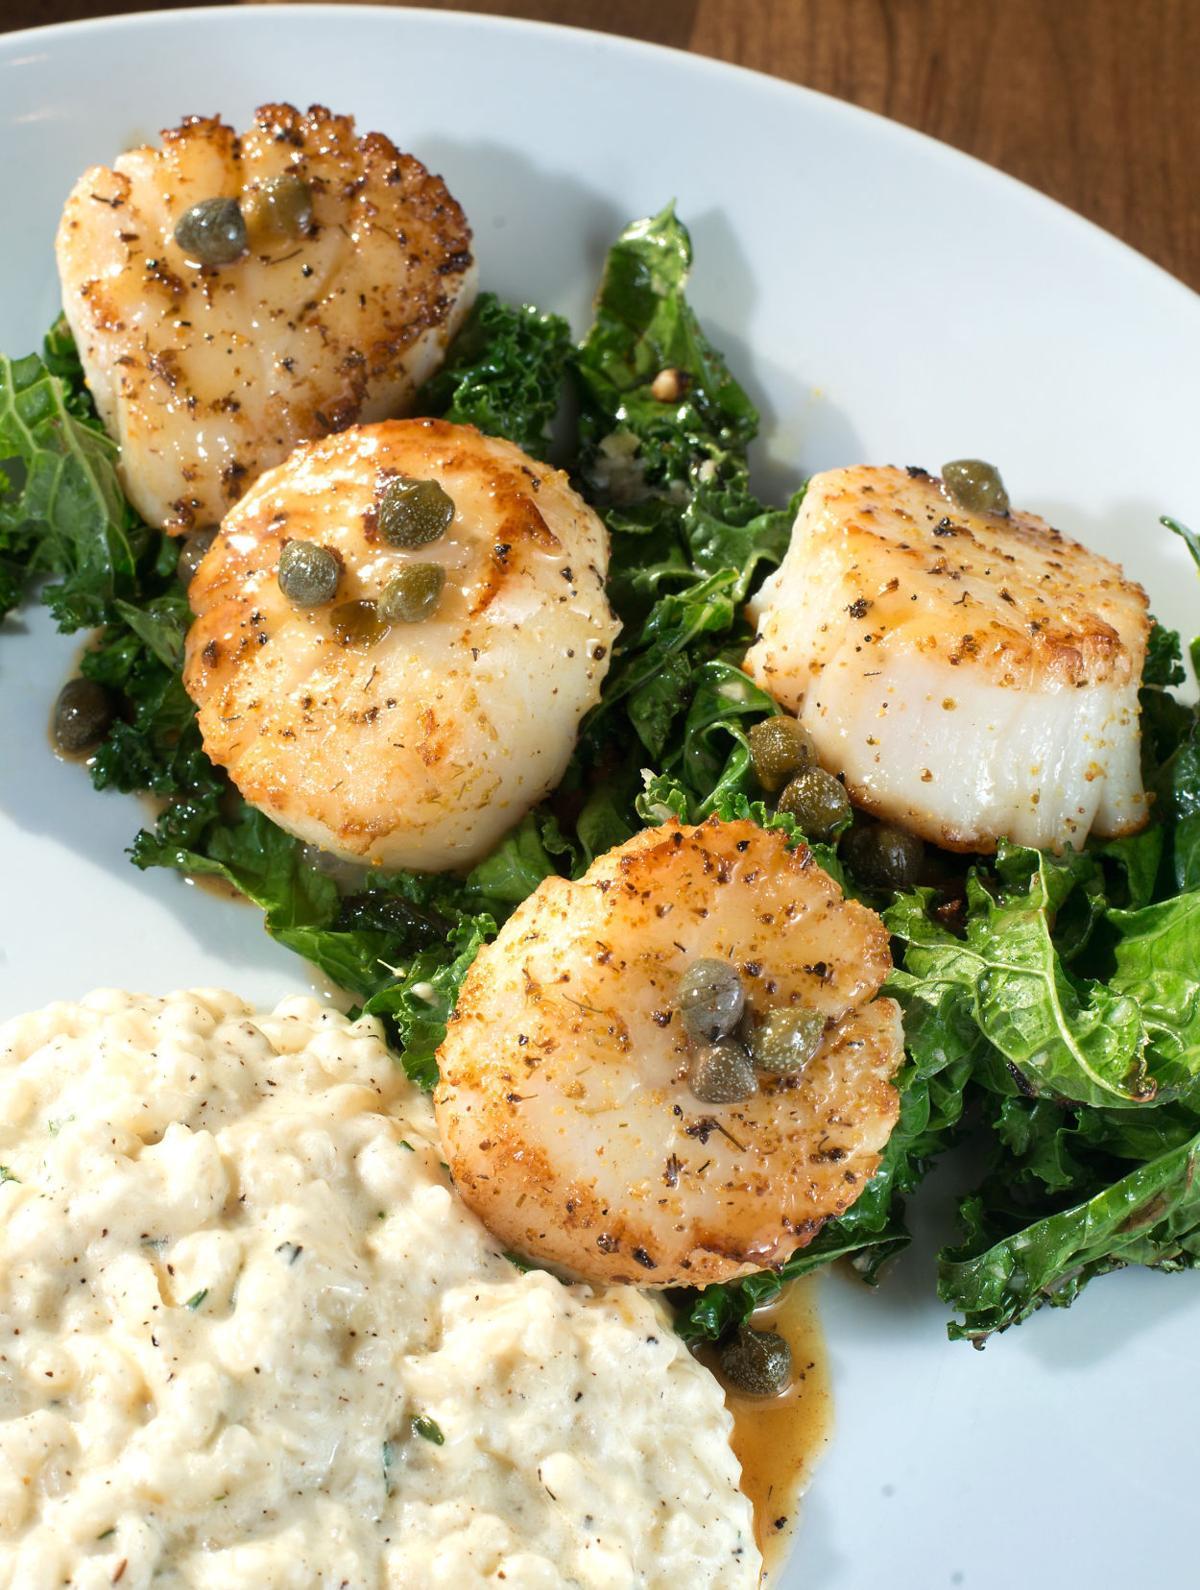 Food Table 32